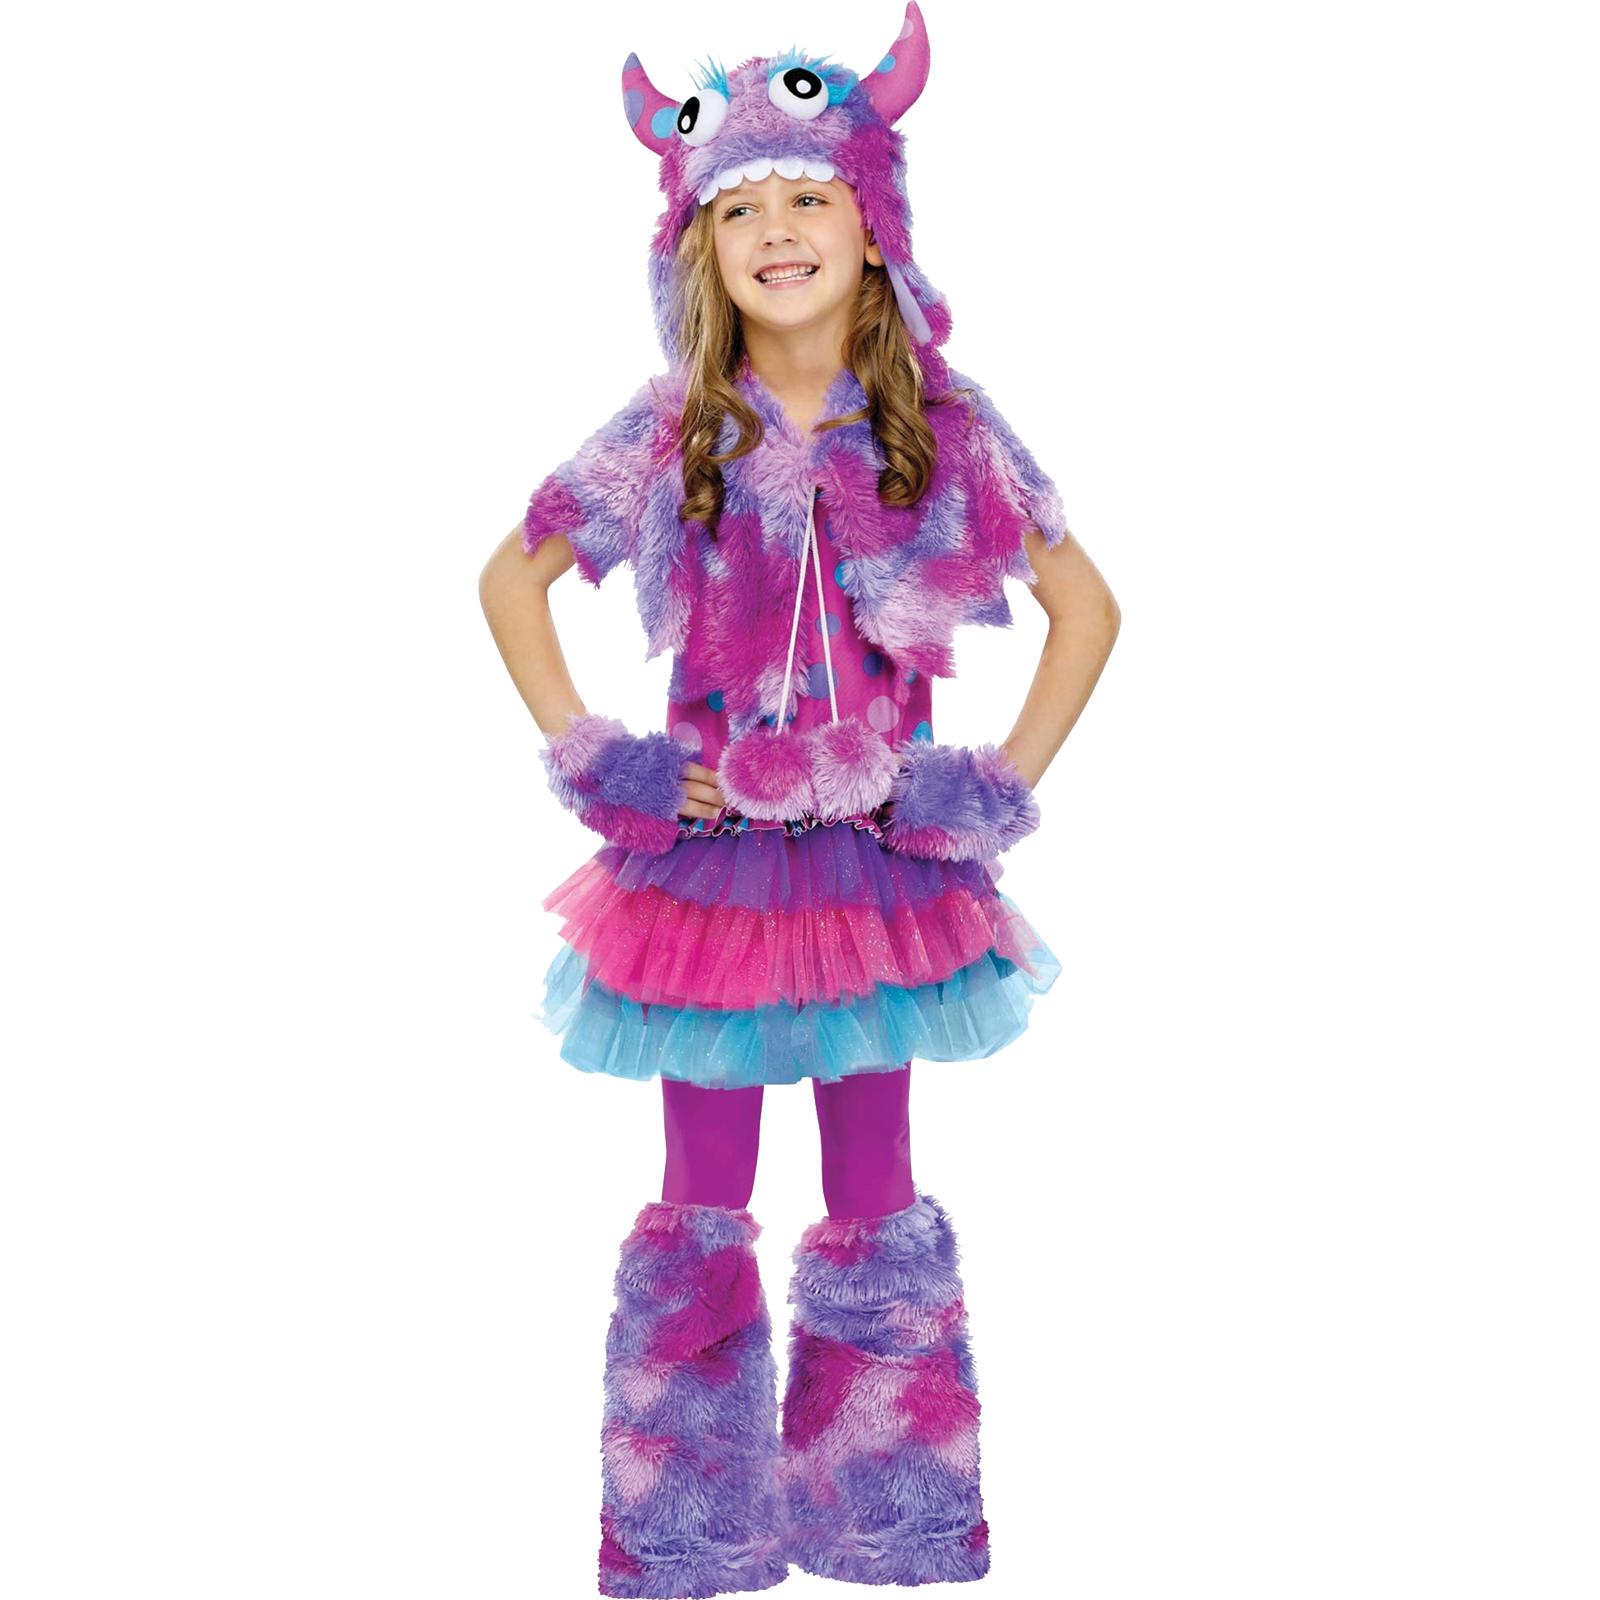 Girls Polka Dot Monster Halloween Costume PartNumber: 3ZZVA75514312P MfgPartNumber: FW123252SM